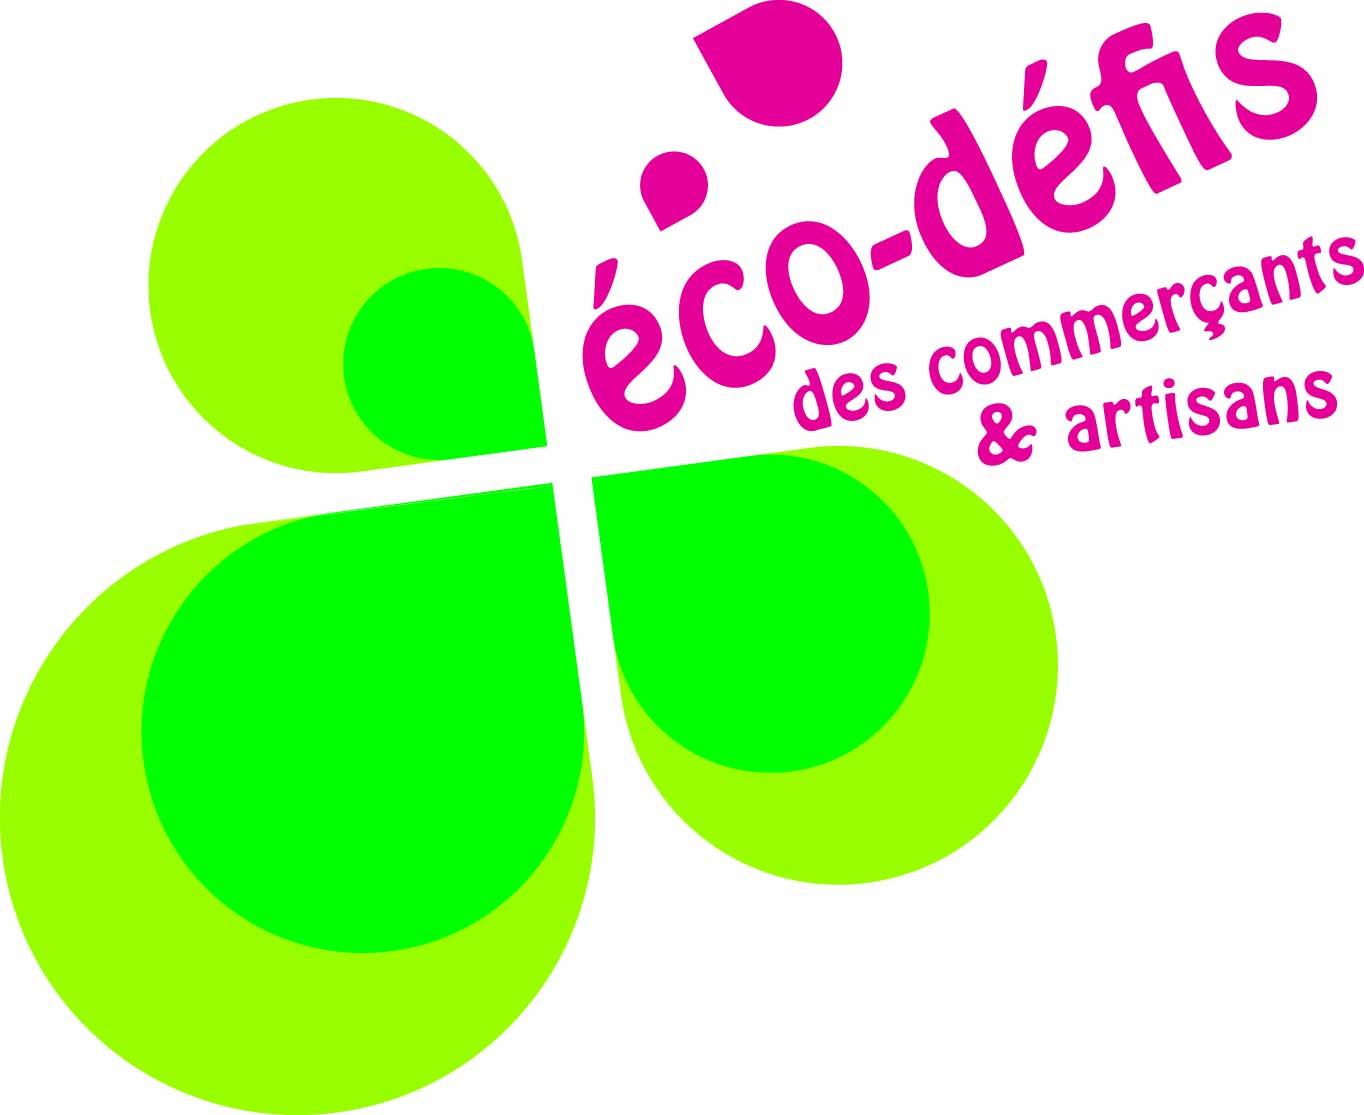 Label écodéfis